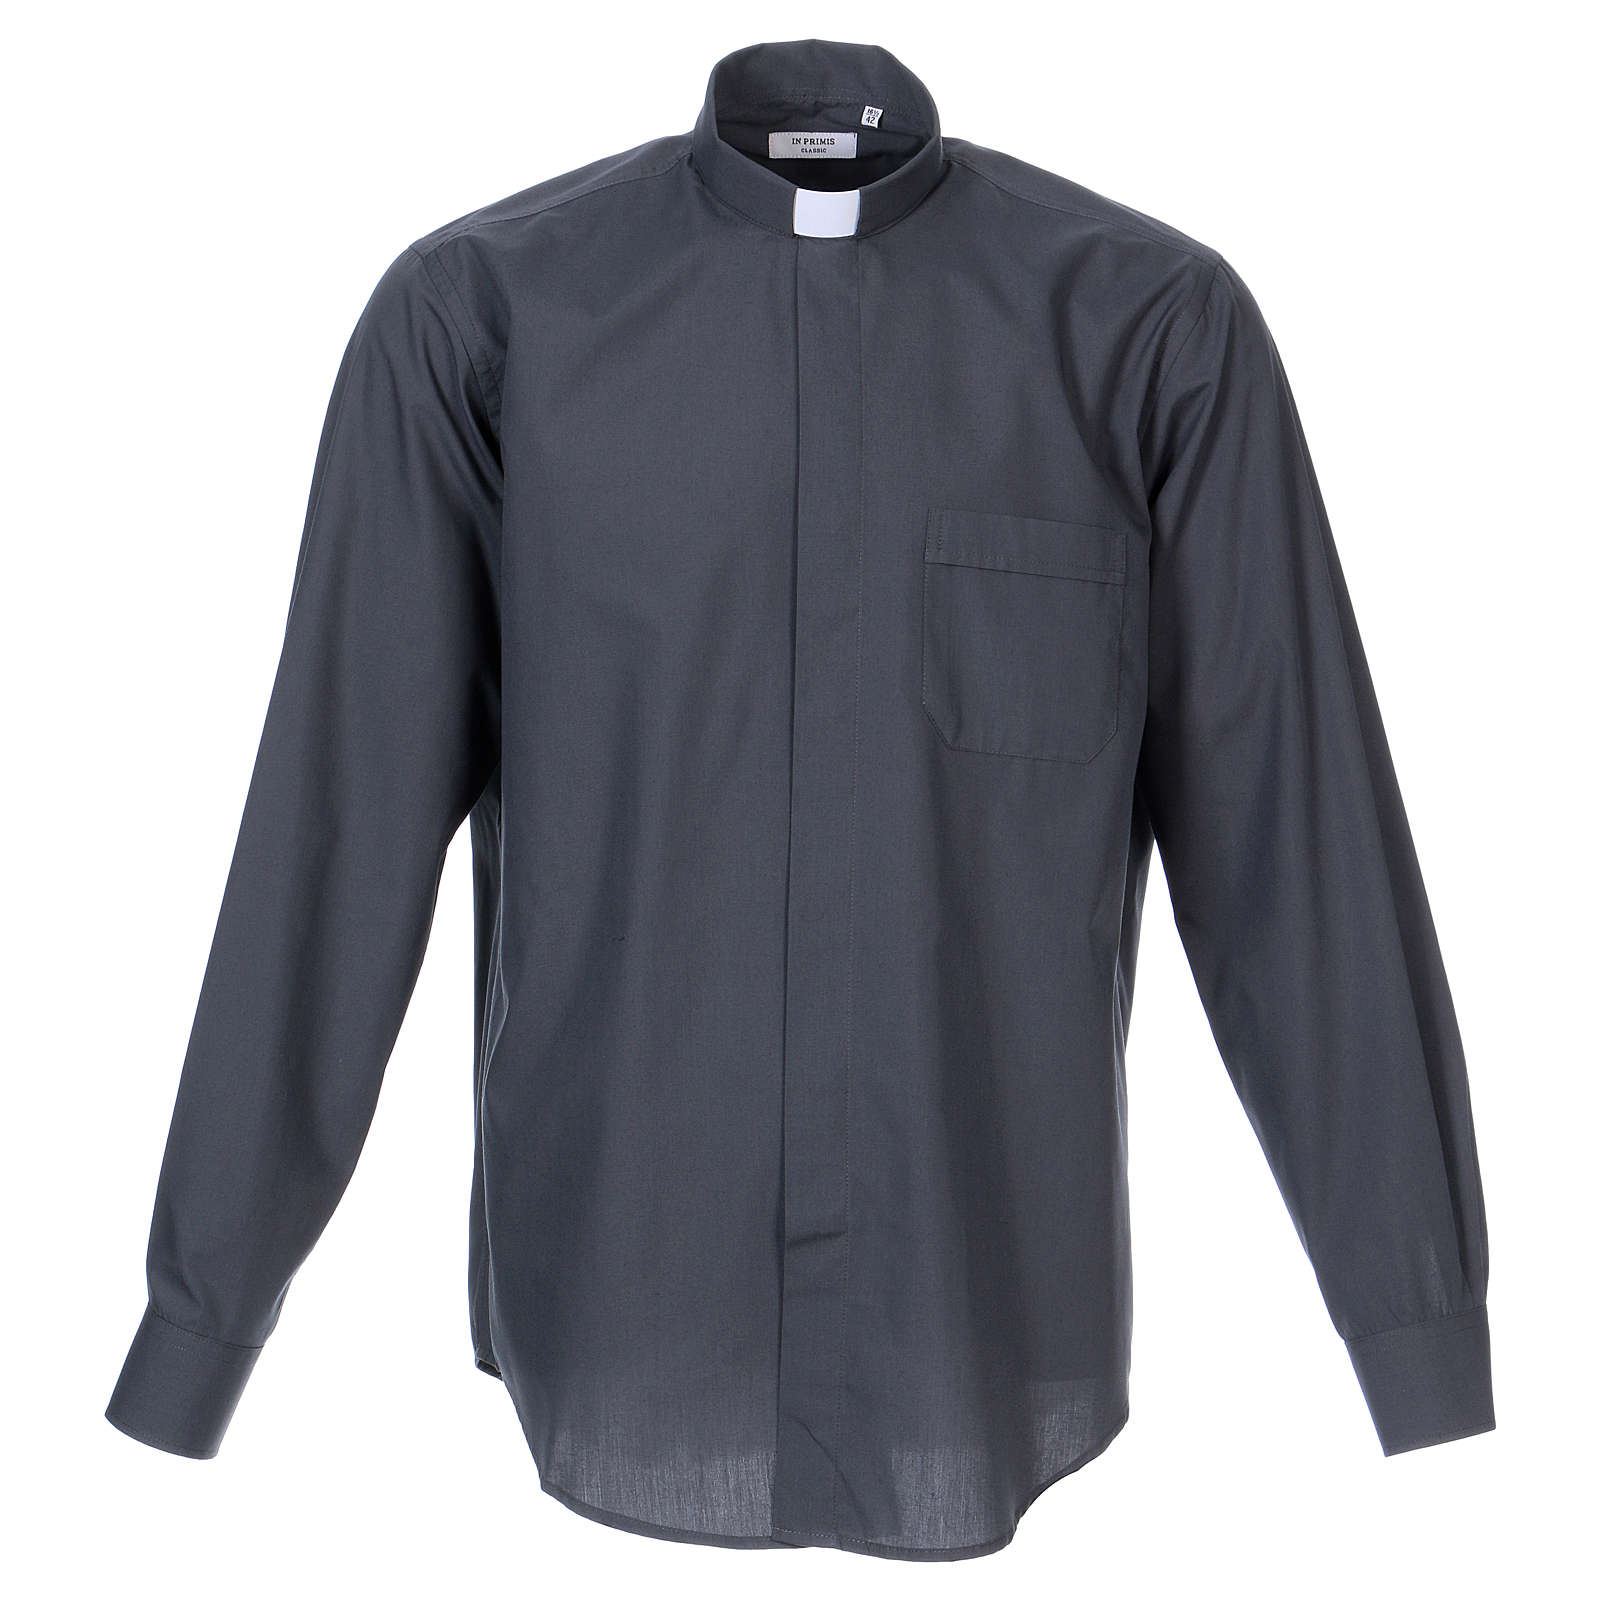 Chemise Clergy tissu mixte coton longues manches gris foncé In Primis 4